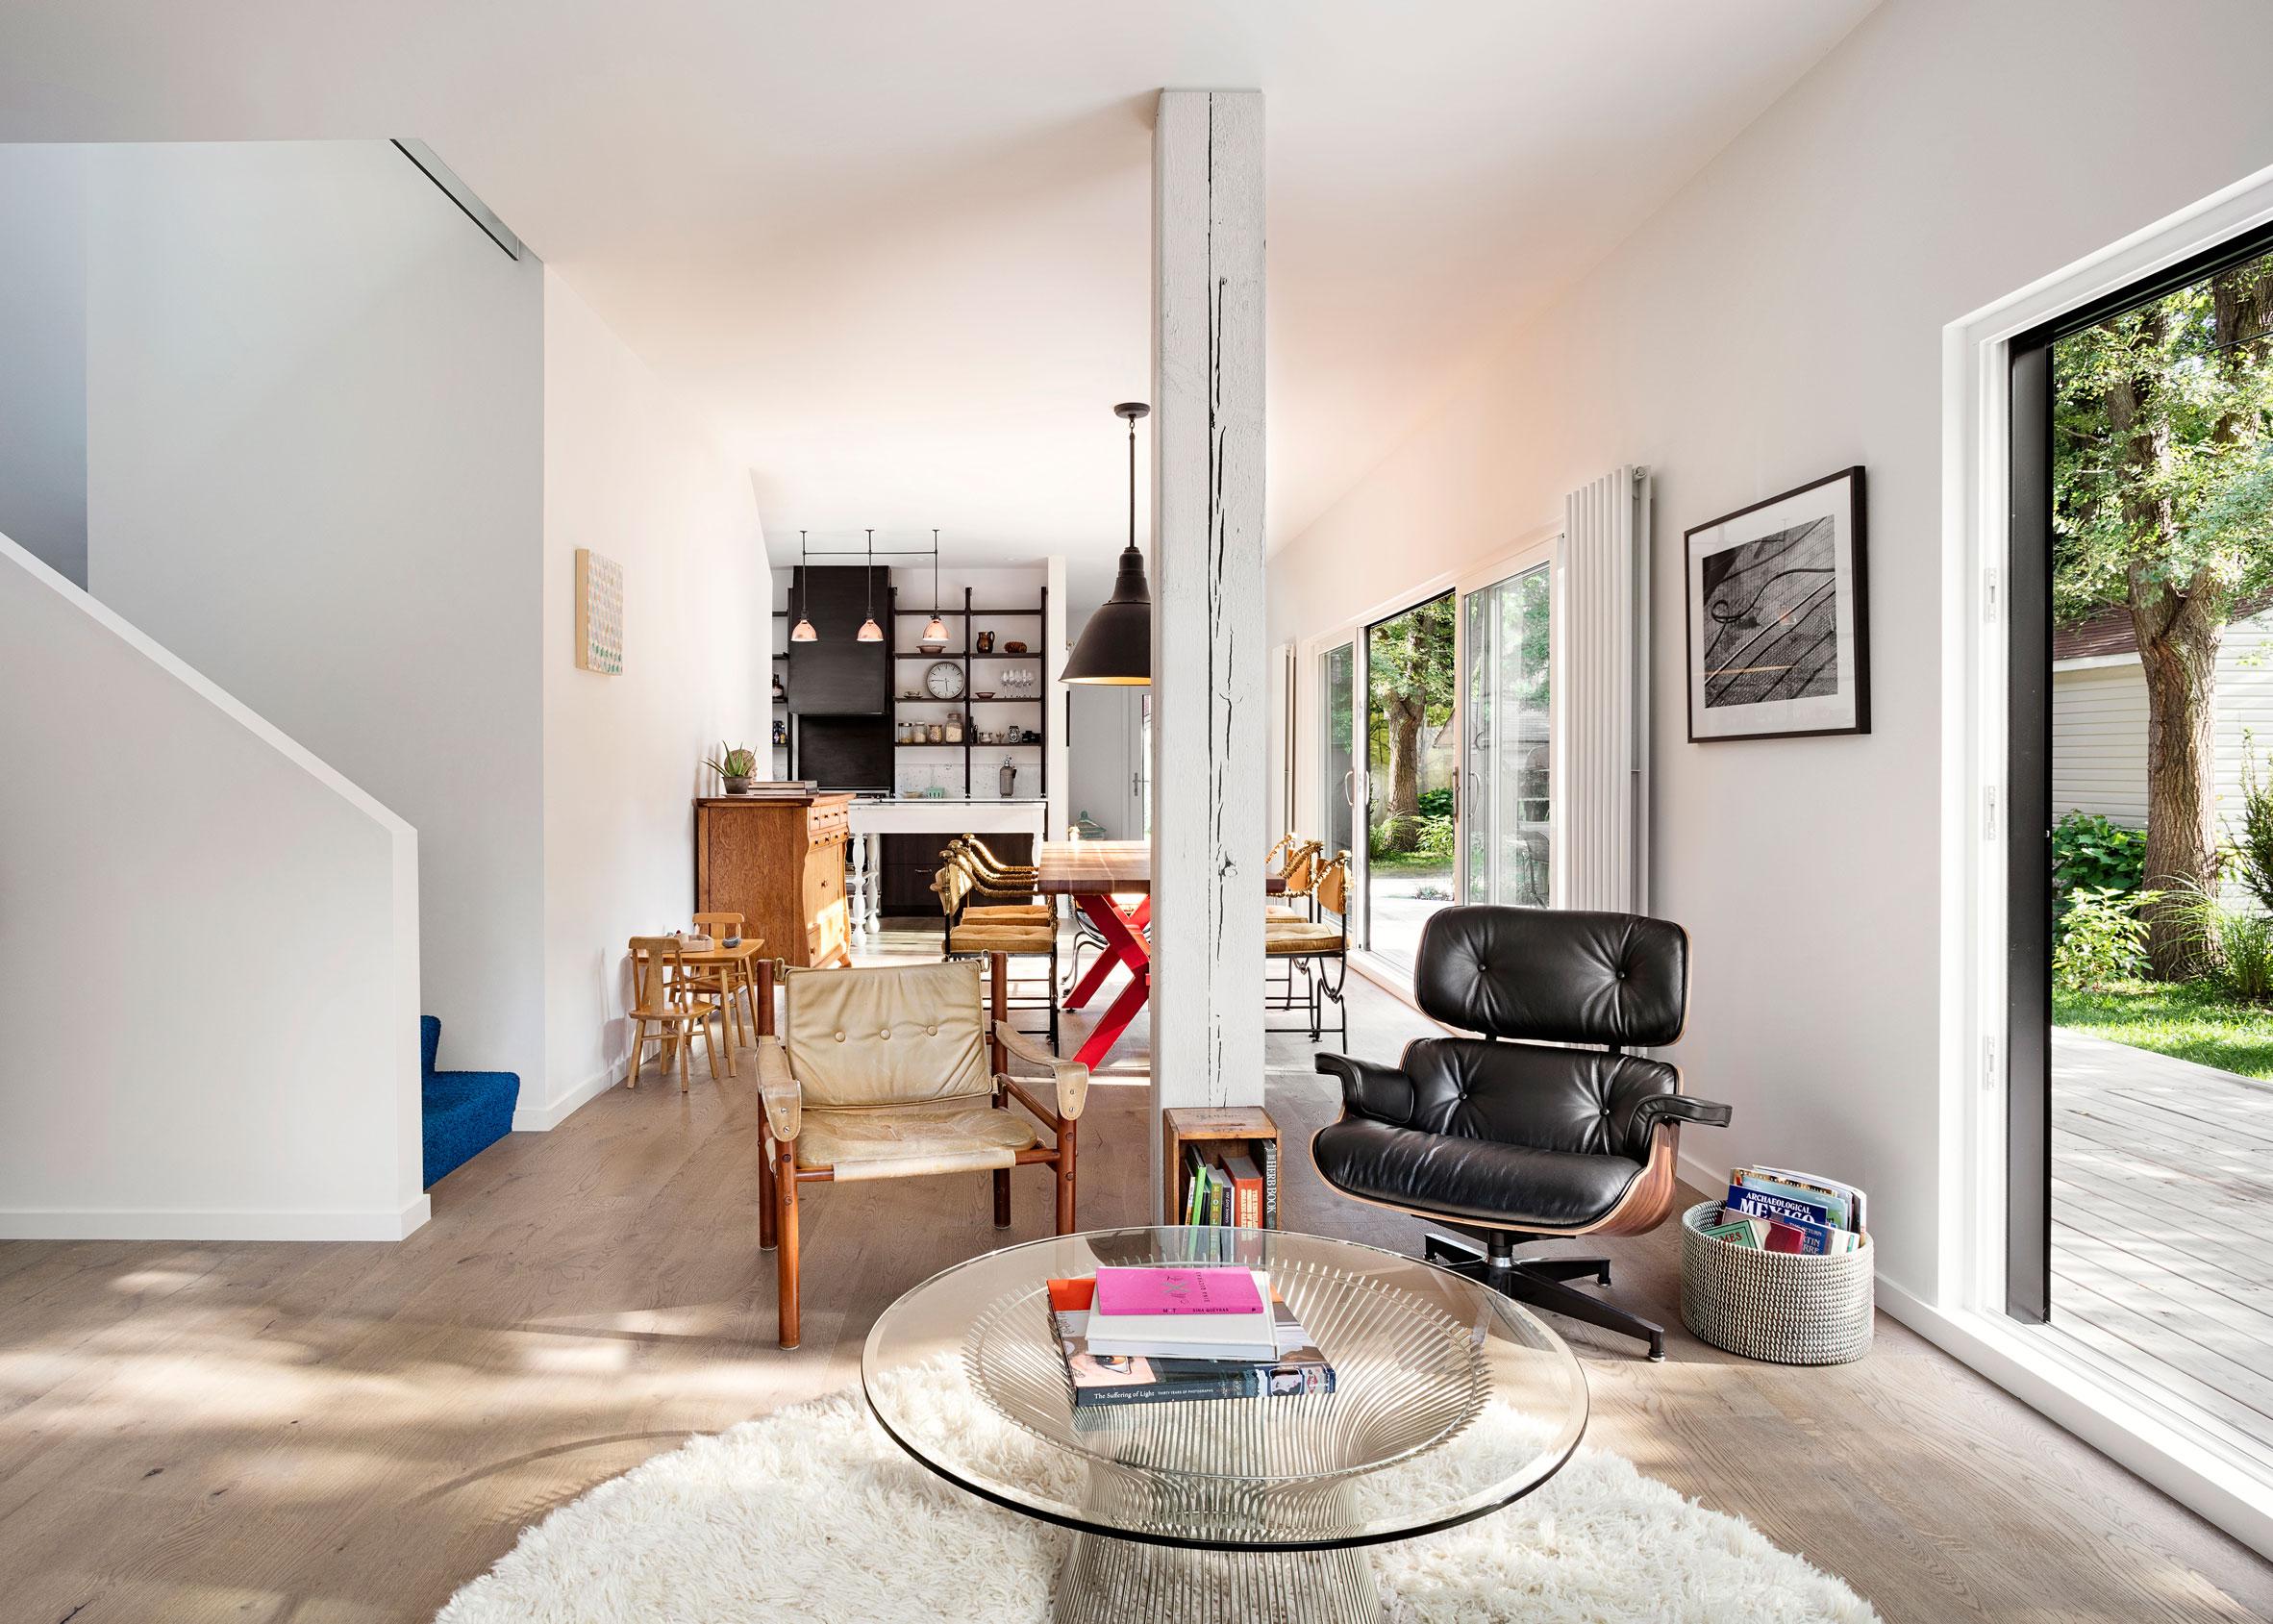 Winona House by Reigo & Bauer